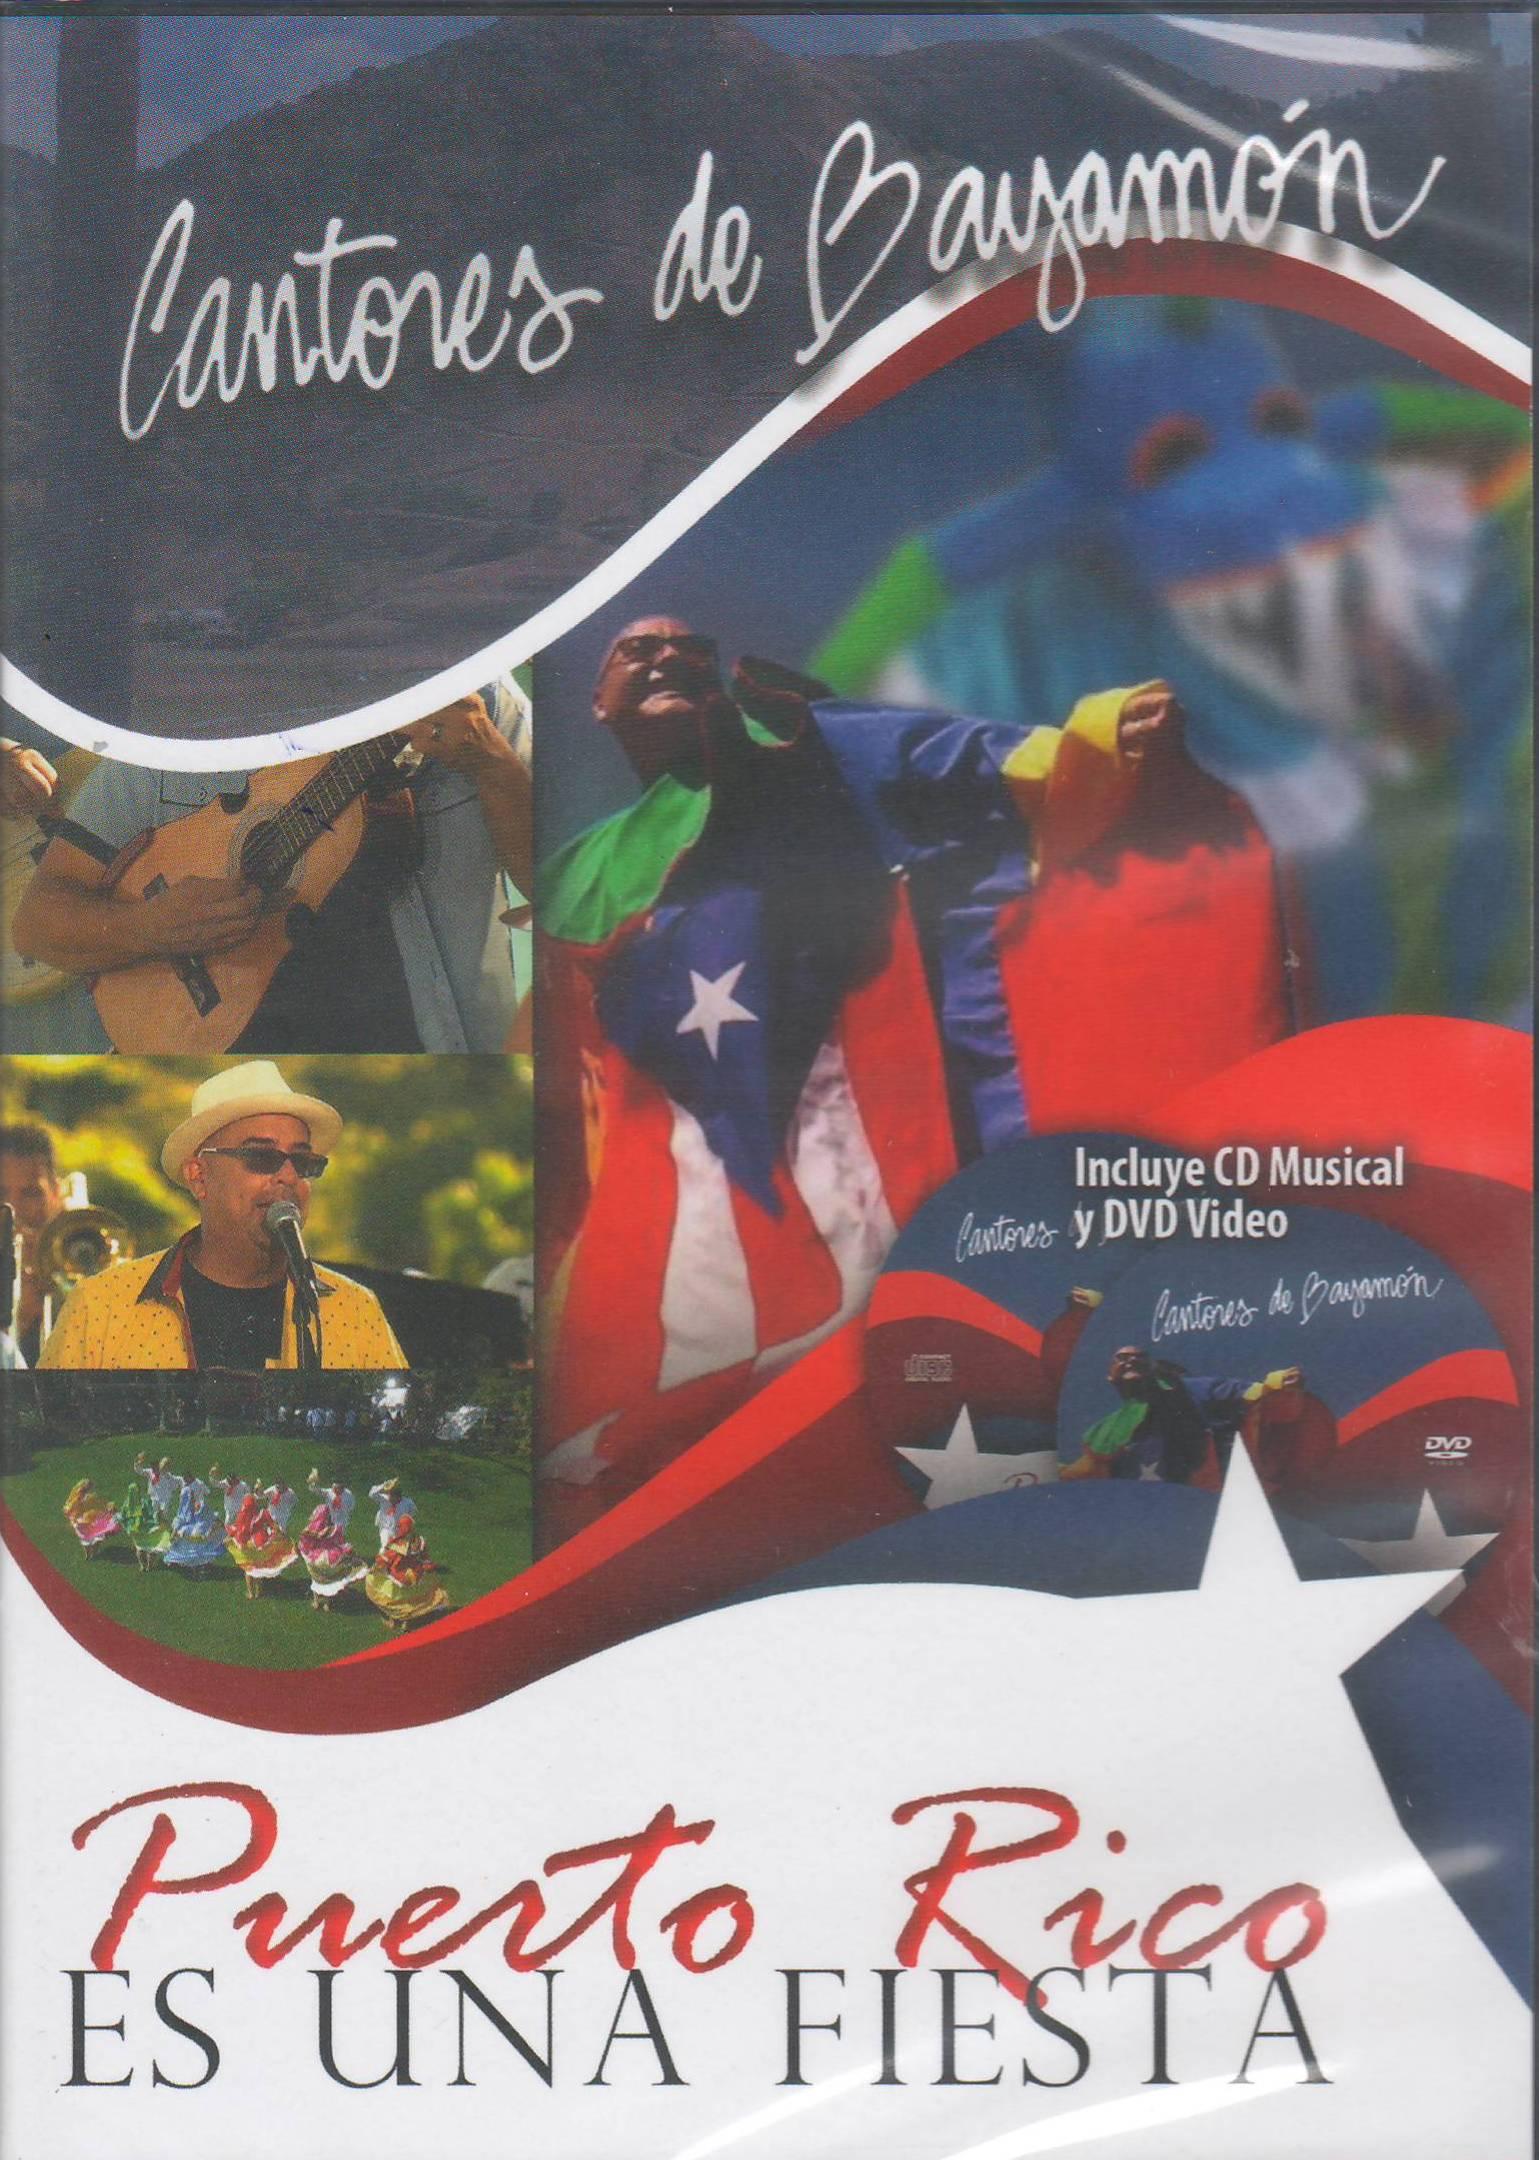 cantores-de-bayamon-2016-puerto-rico-es-una-fiesta